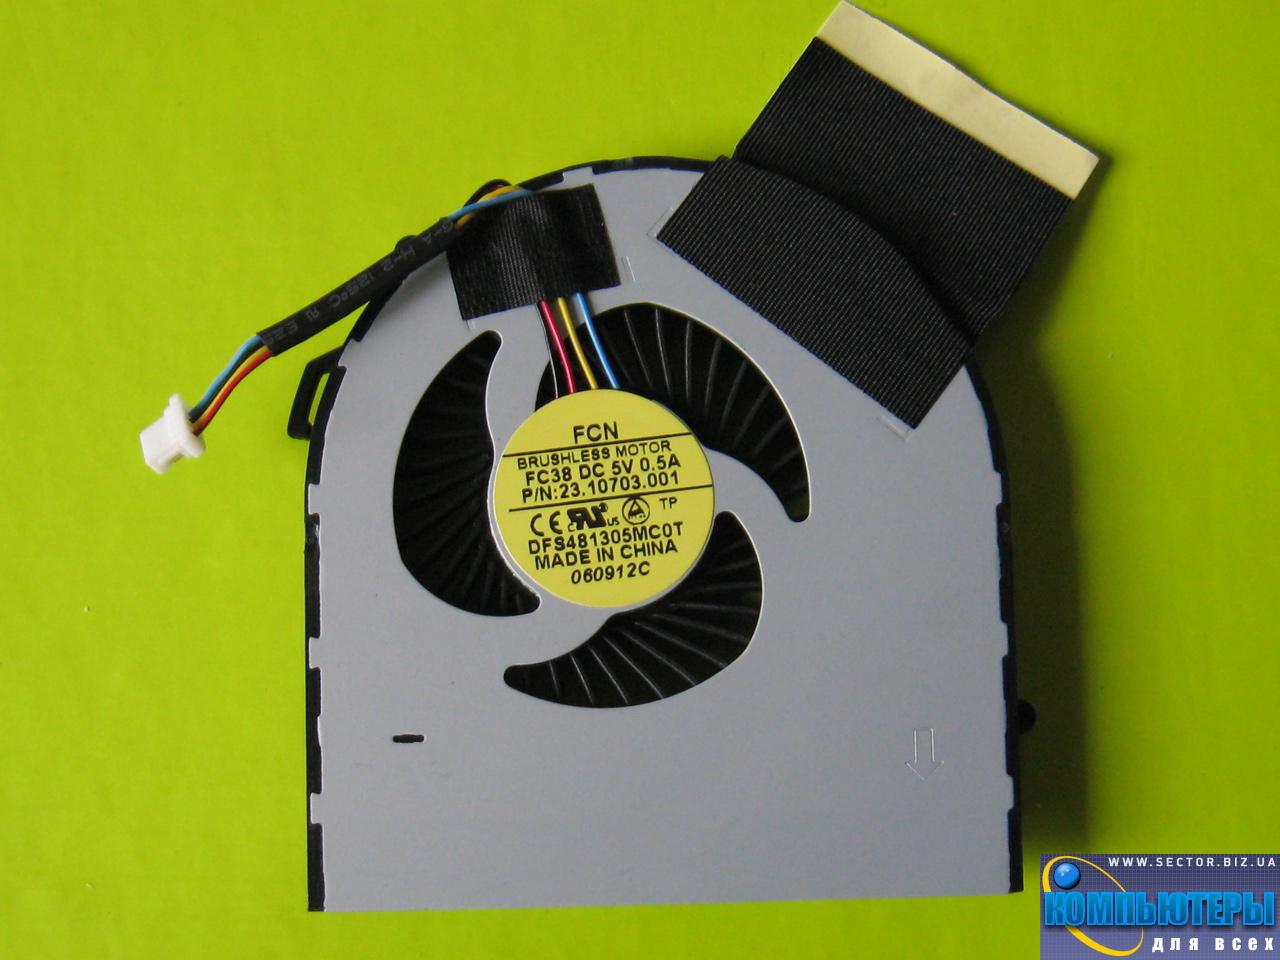 Кулер к ноутбуку Acer Aspire V5-471 V5-471G V5-531 V5-531G V5-571 V5-571G p/n: DFS481305MC0T FC38 23.10703.001. Фото № 3.